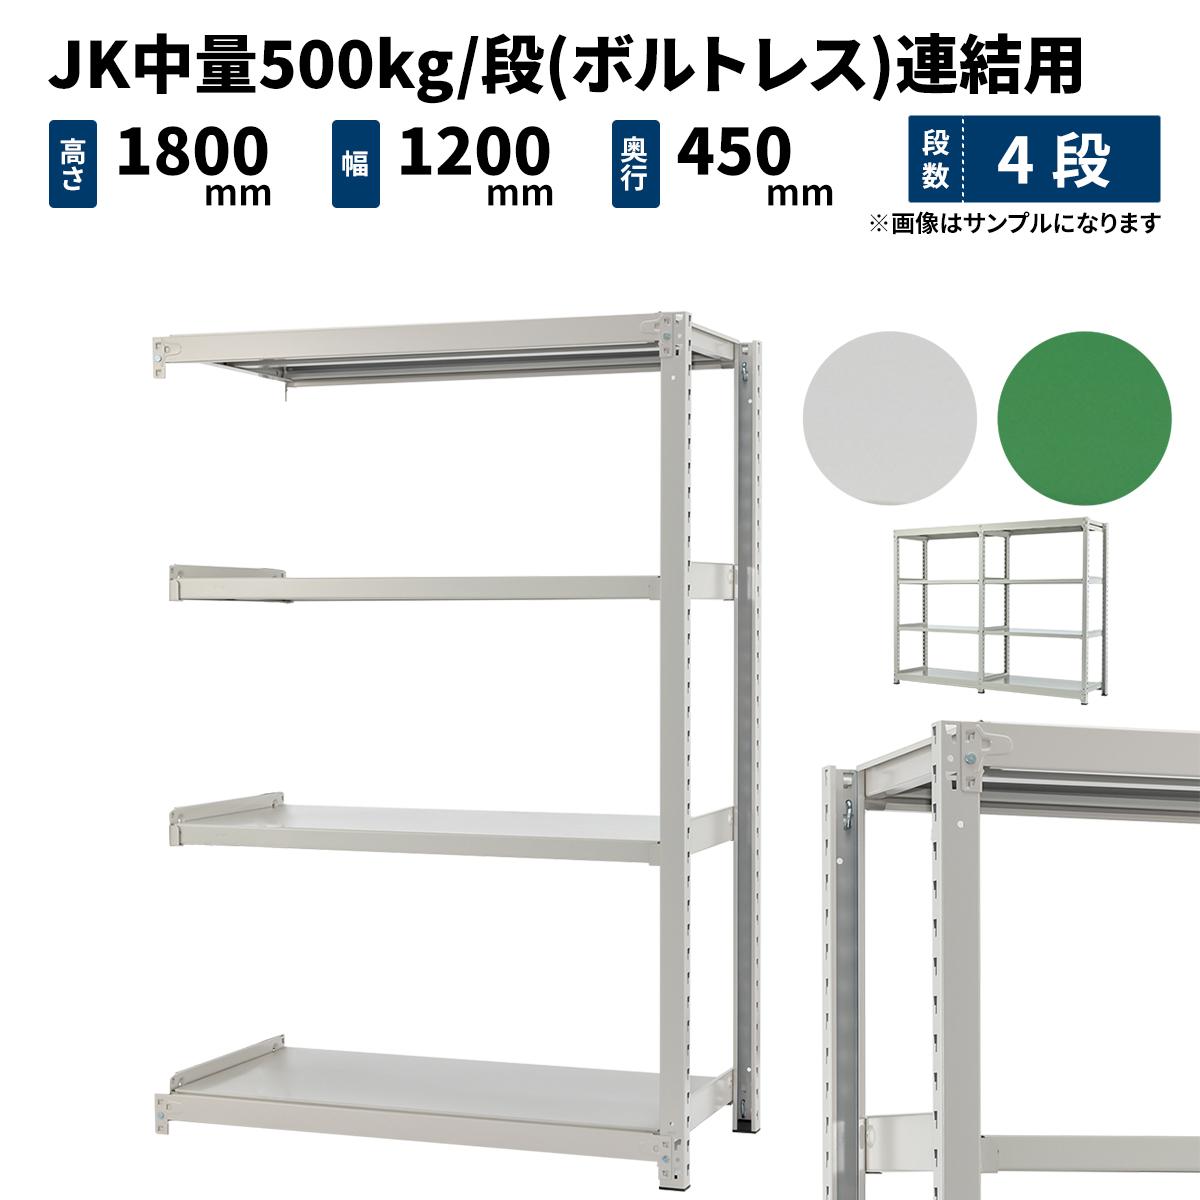 スチールラック 業務用 JK中量500kg/段(ボルトレス) 連結形式 高さ1800×幅1200×奥行450mm 4段 ホワイトグレー/グリーン (55kg) JK500_R-181245-4